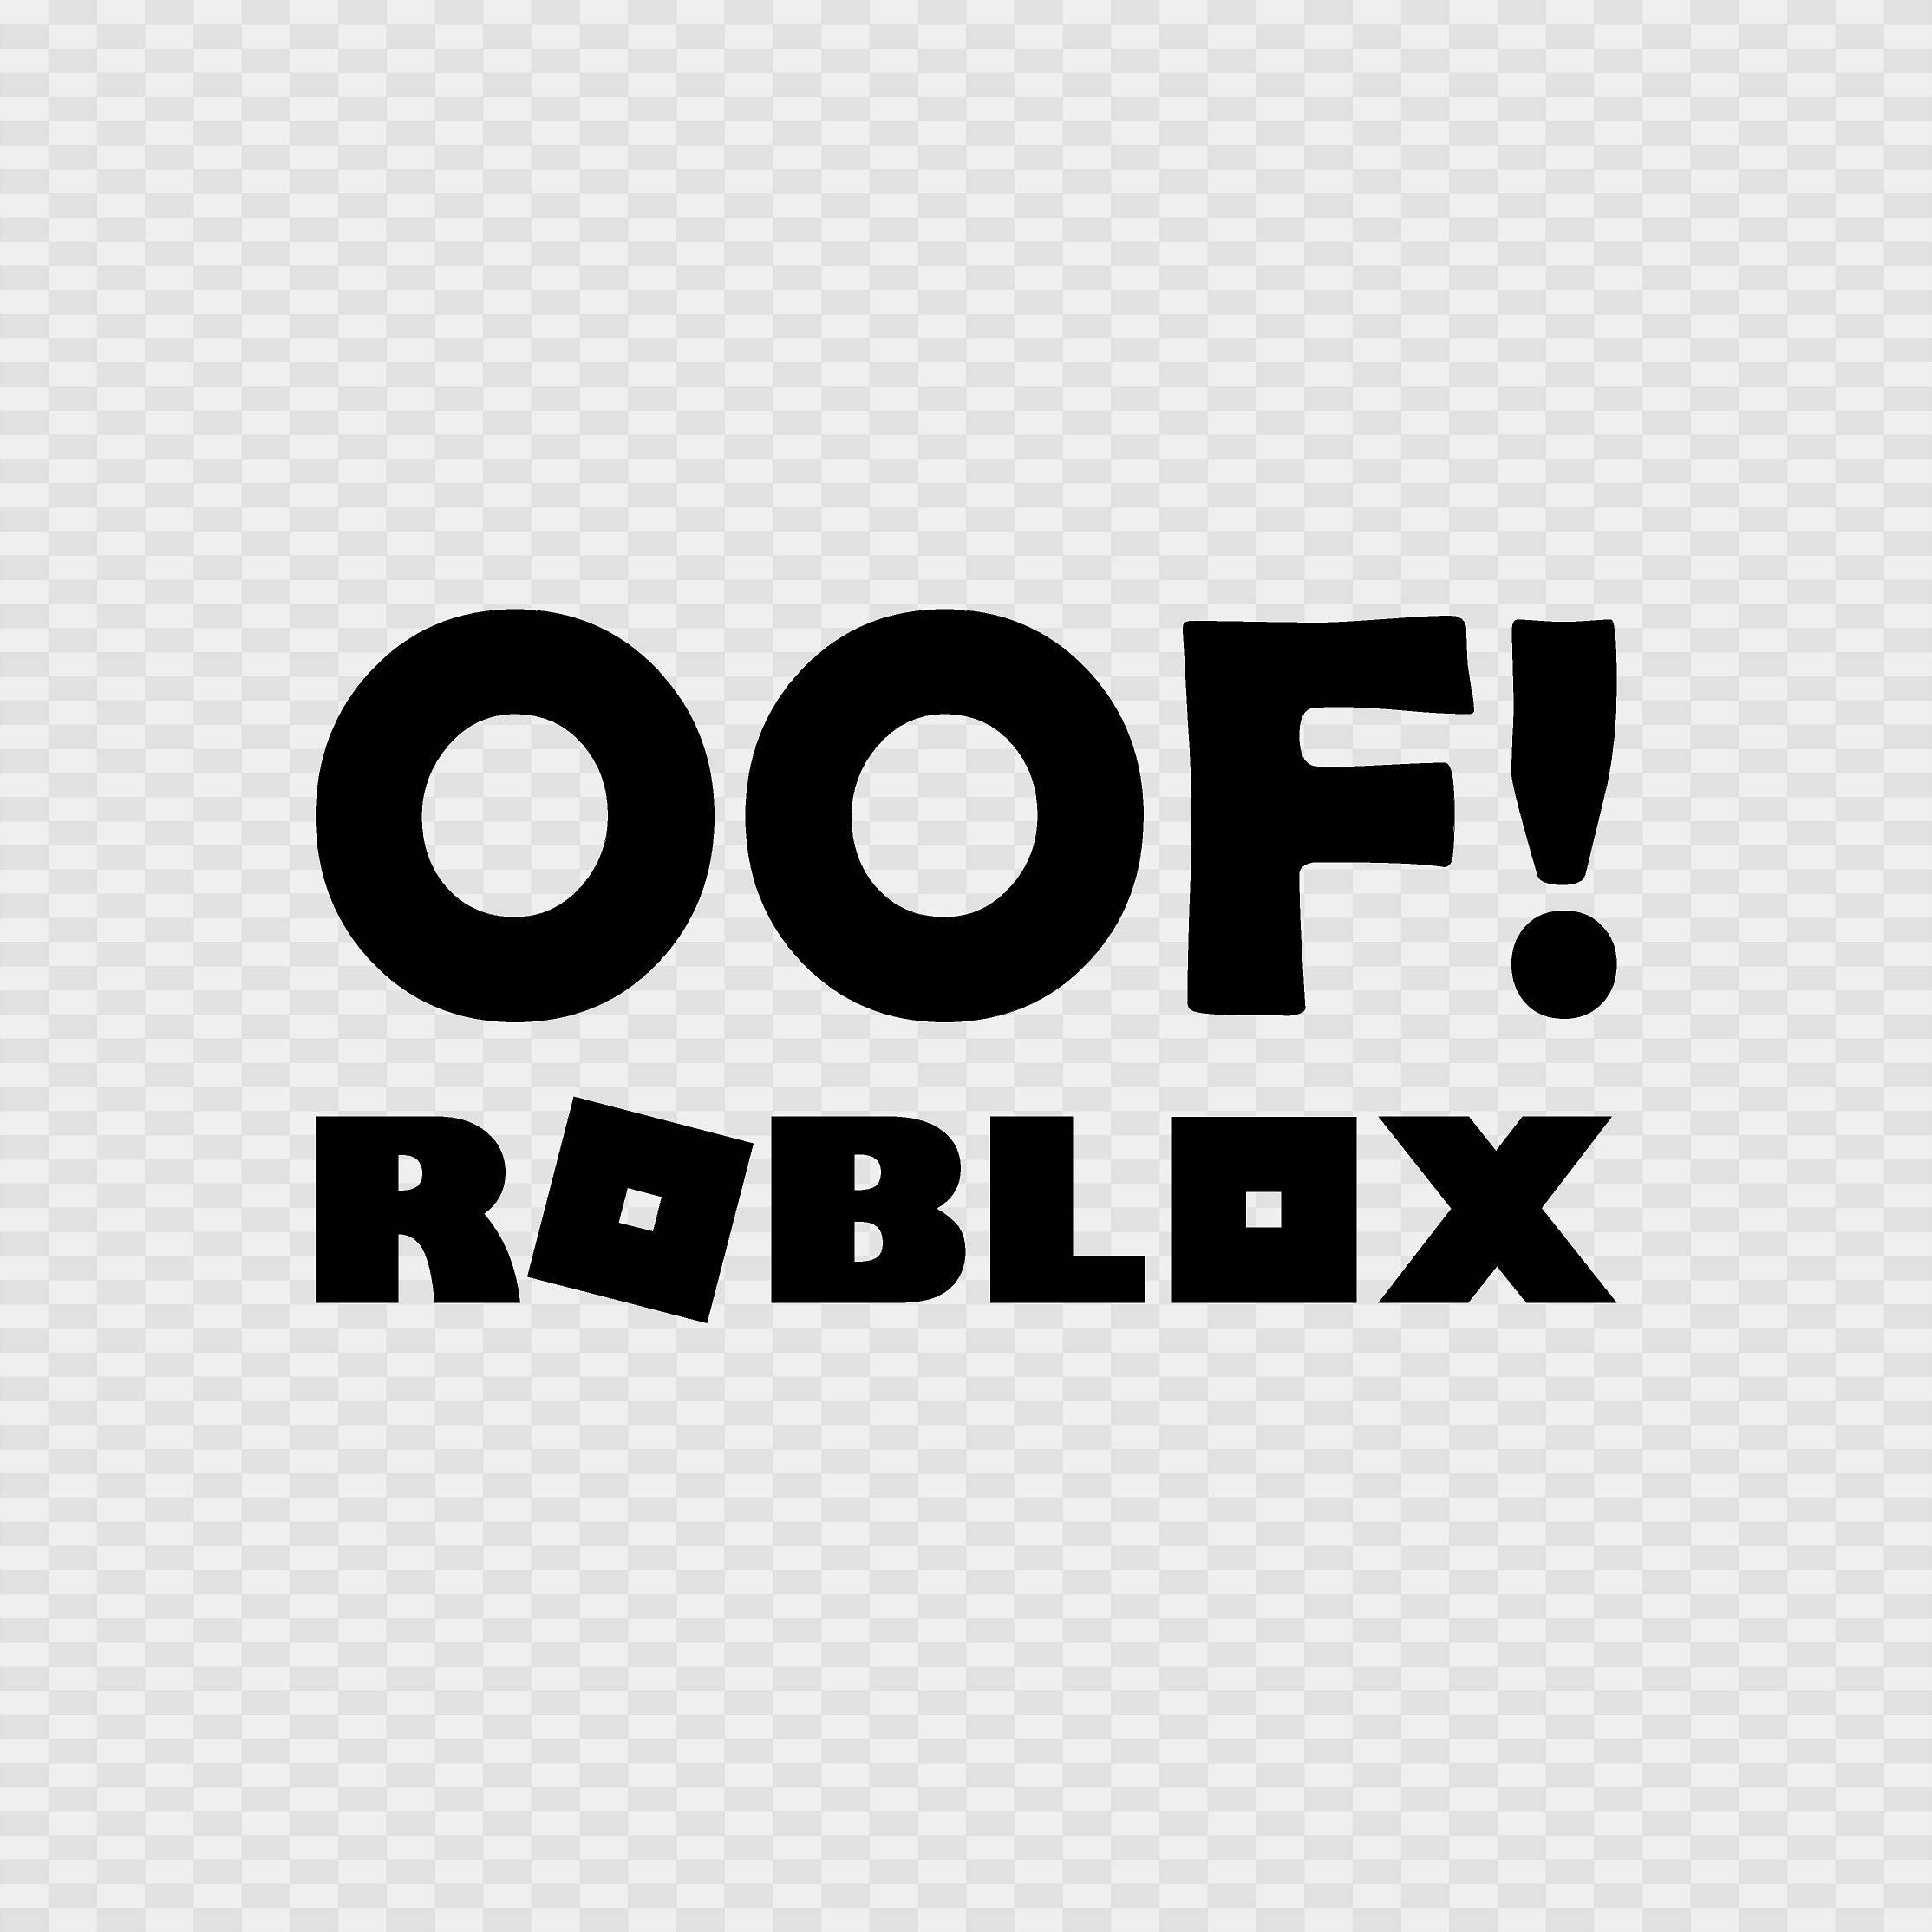 How To Make A Shirt On Roblox Nbc Shirt Creators | Azərbaycan Dillər